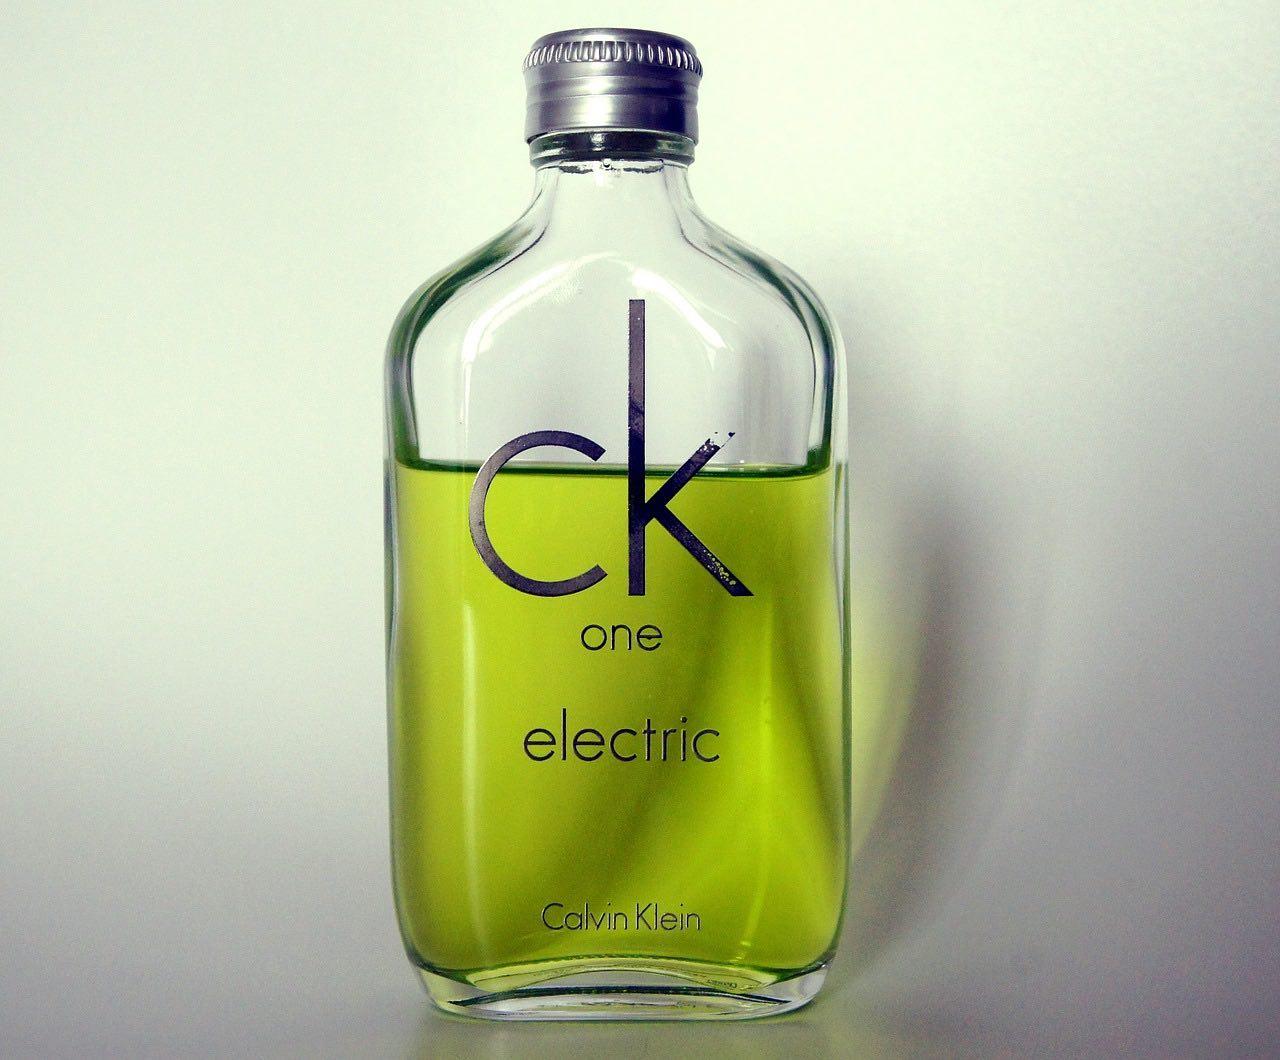 Najlepsze nazwy perfum